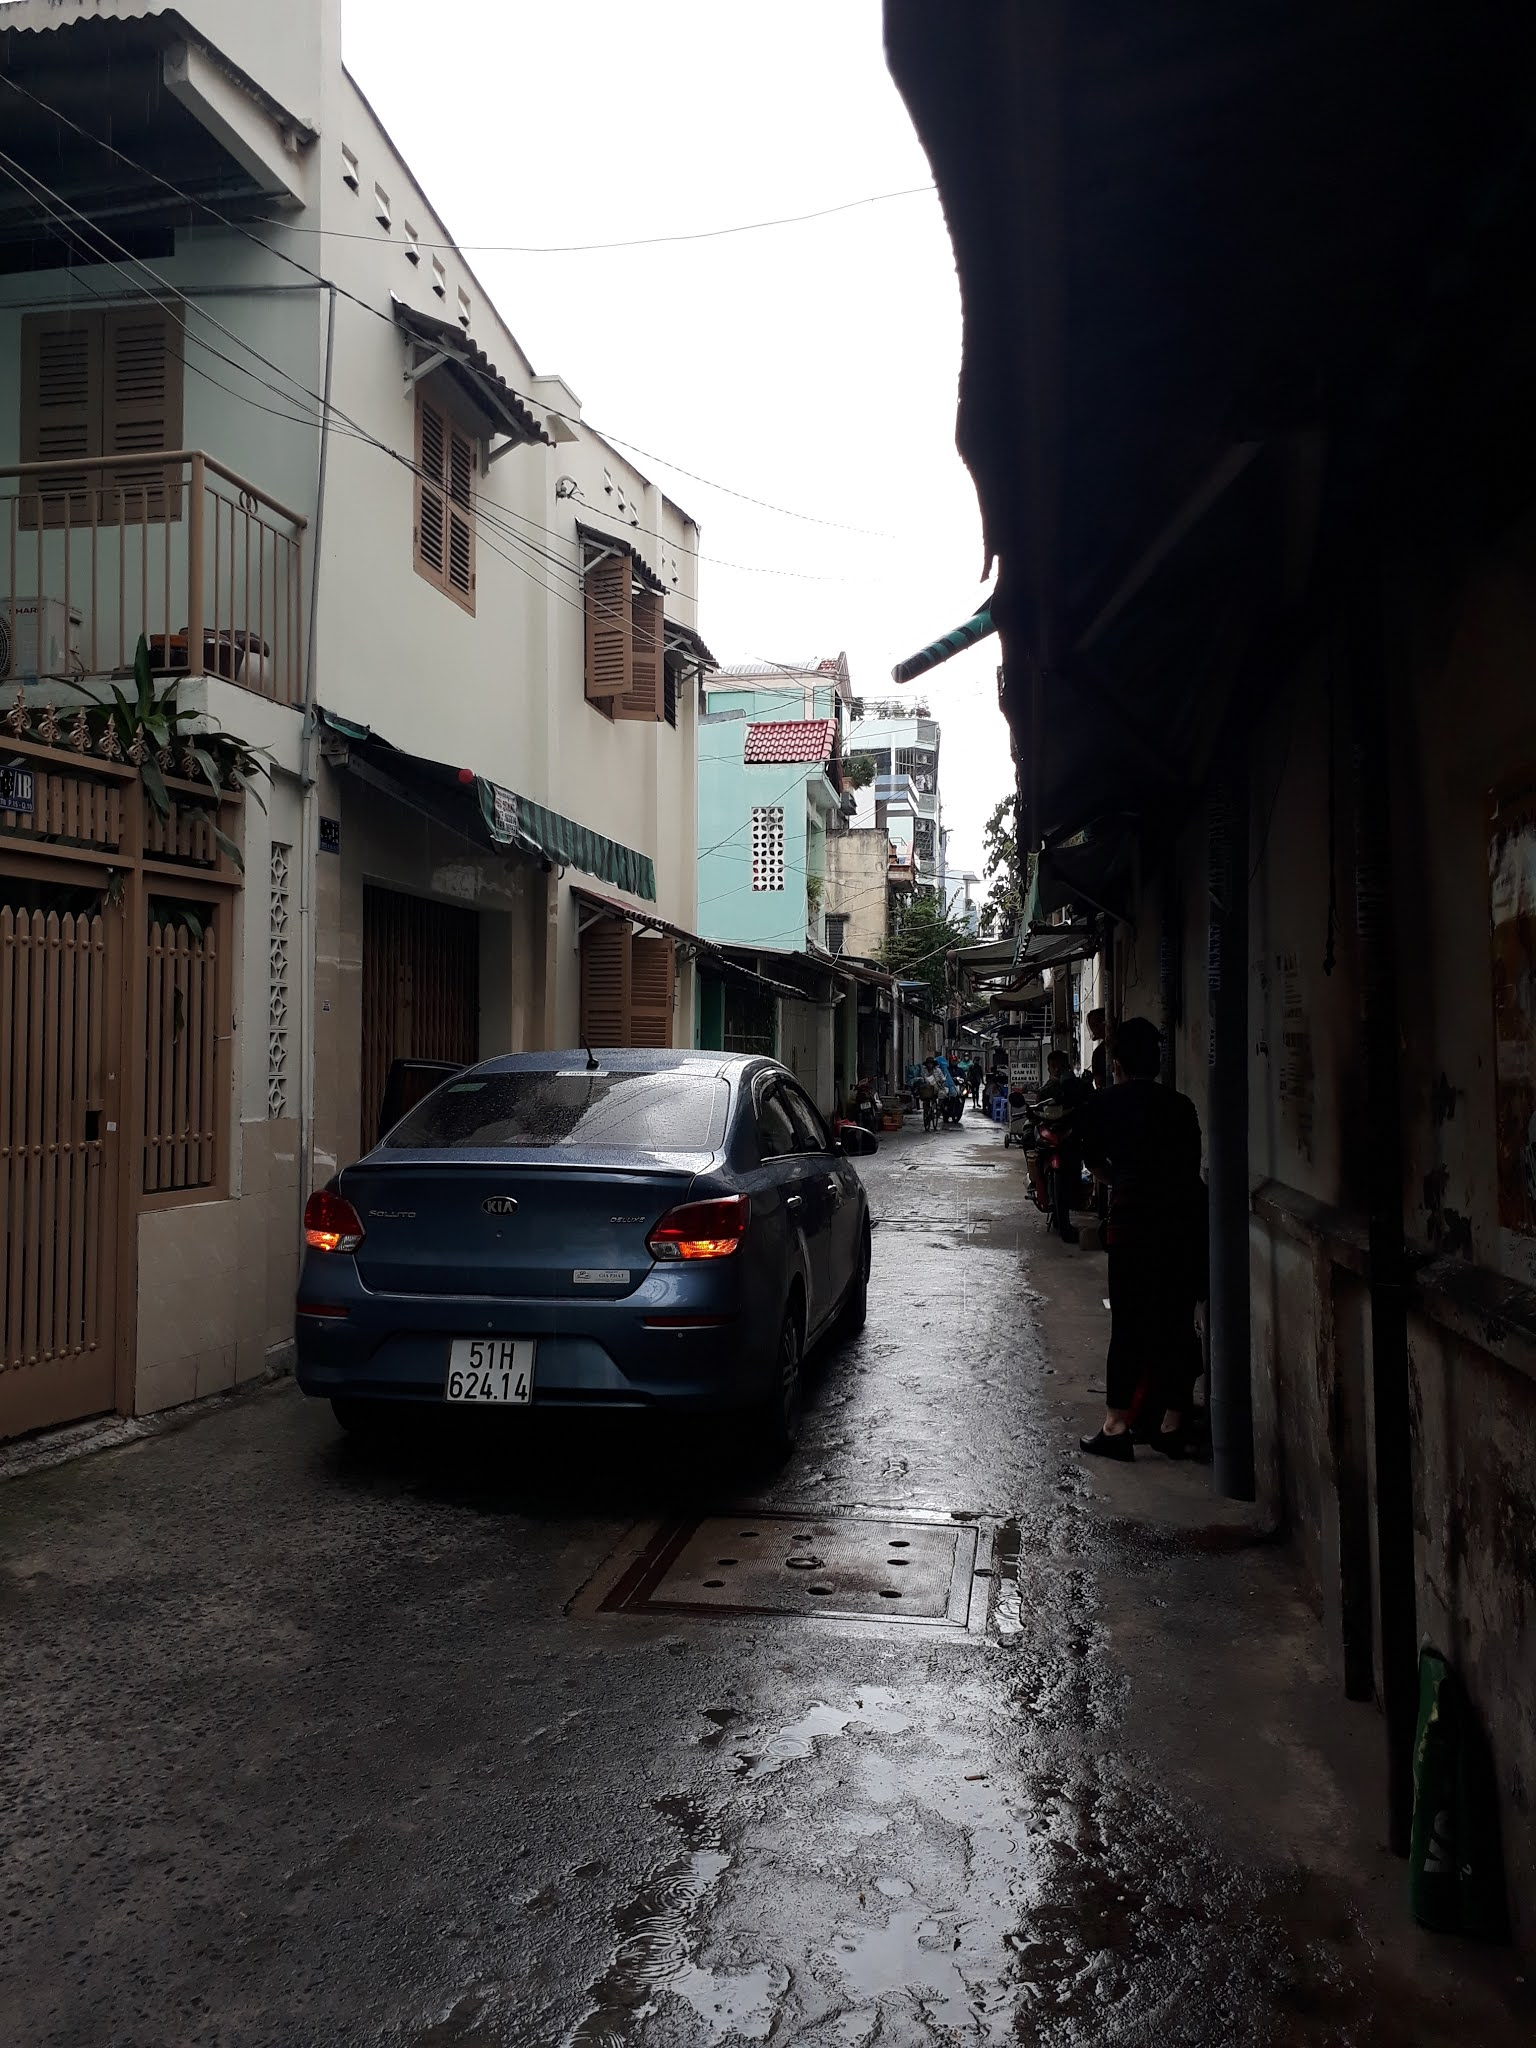 Bán 2 lô đất Quận 10 đường Cách Mạng Tháng 8 gần Công viên Lê Thị Riêng giá rẻ